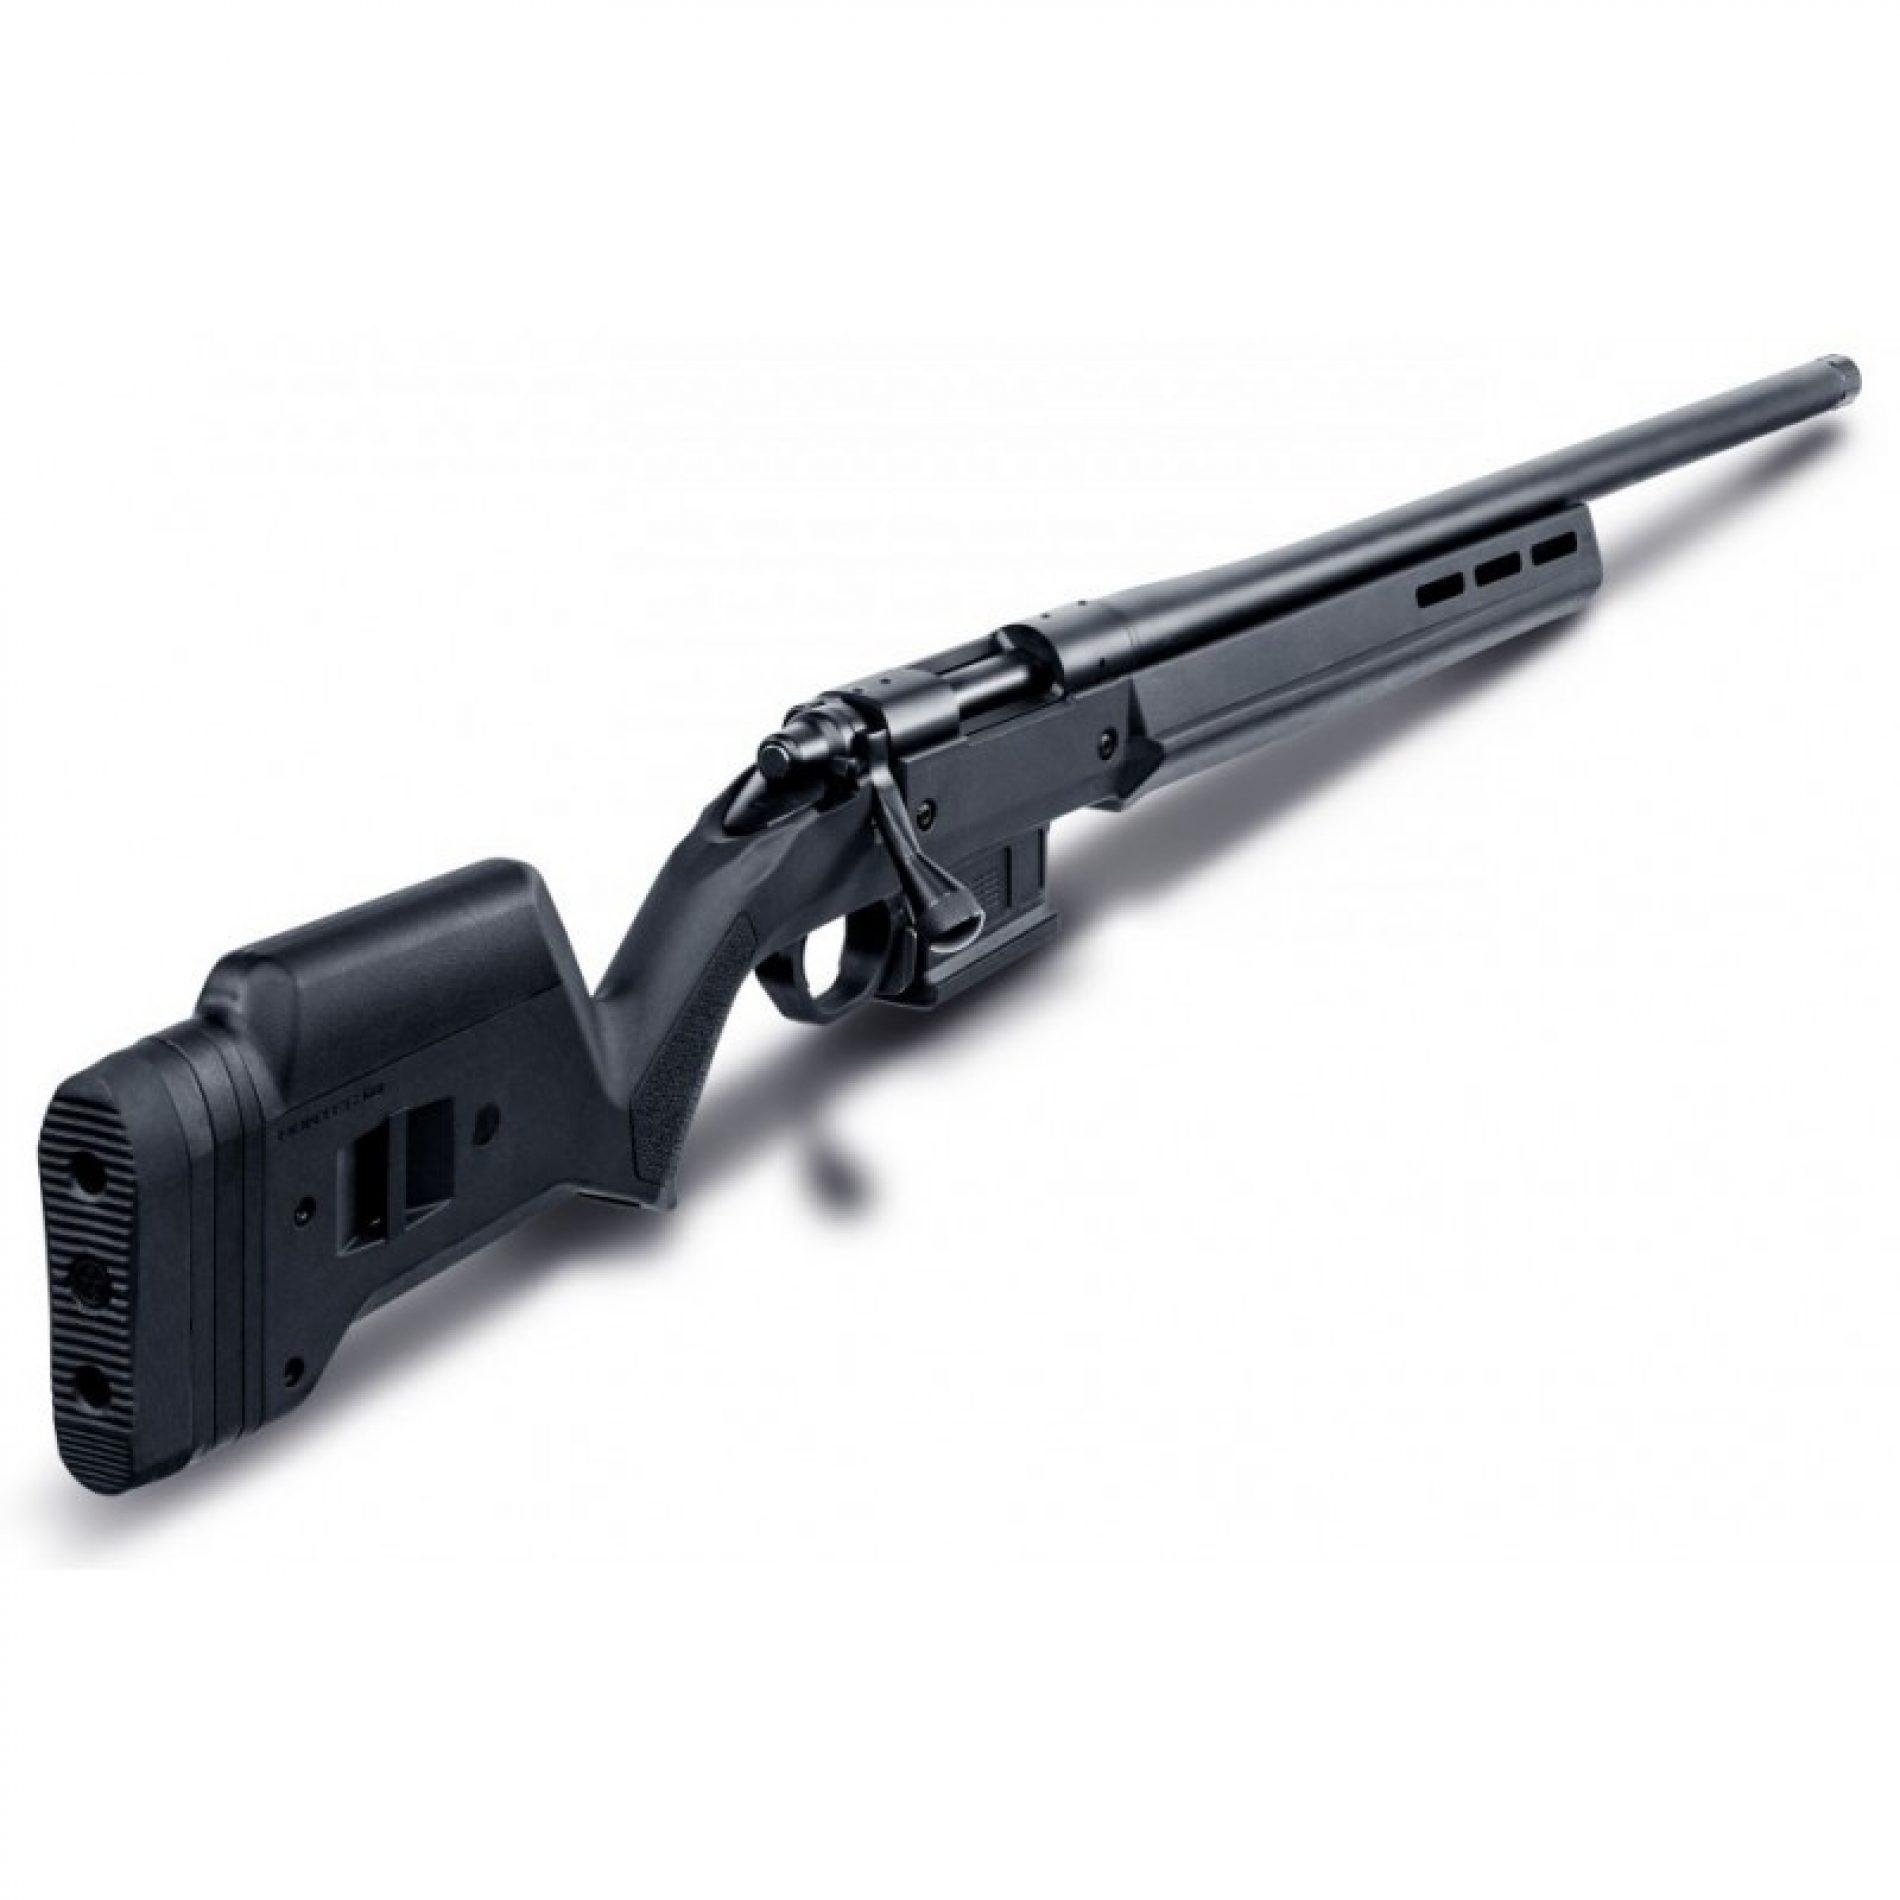 Remington 700 Magpul en 6,5 Creedmoor, uno de los rifles más versátiles de la serie 700